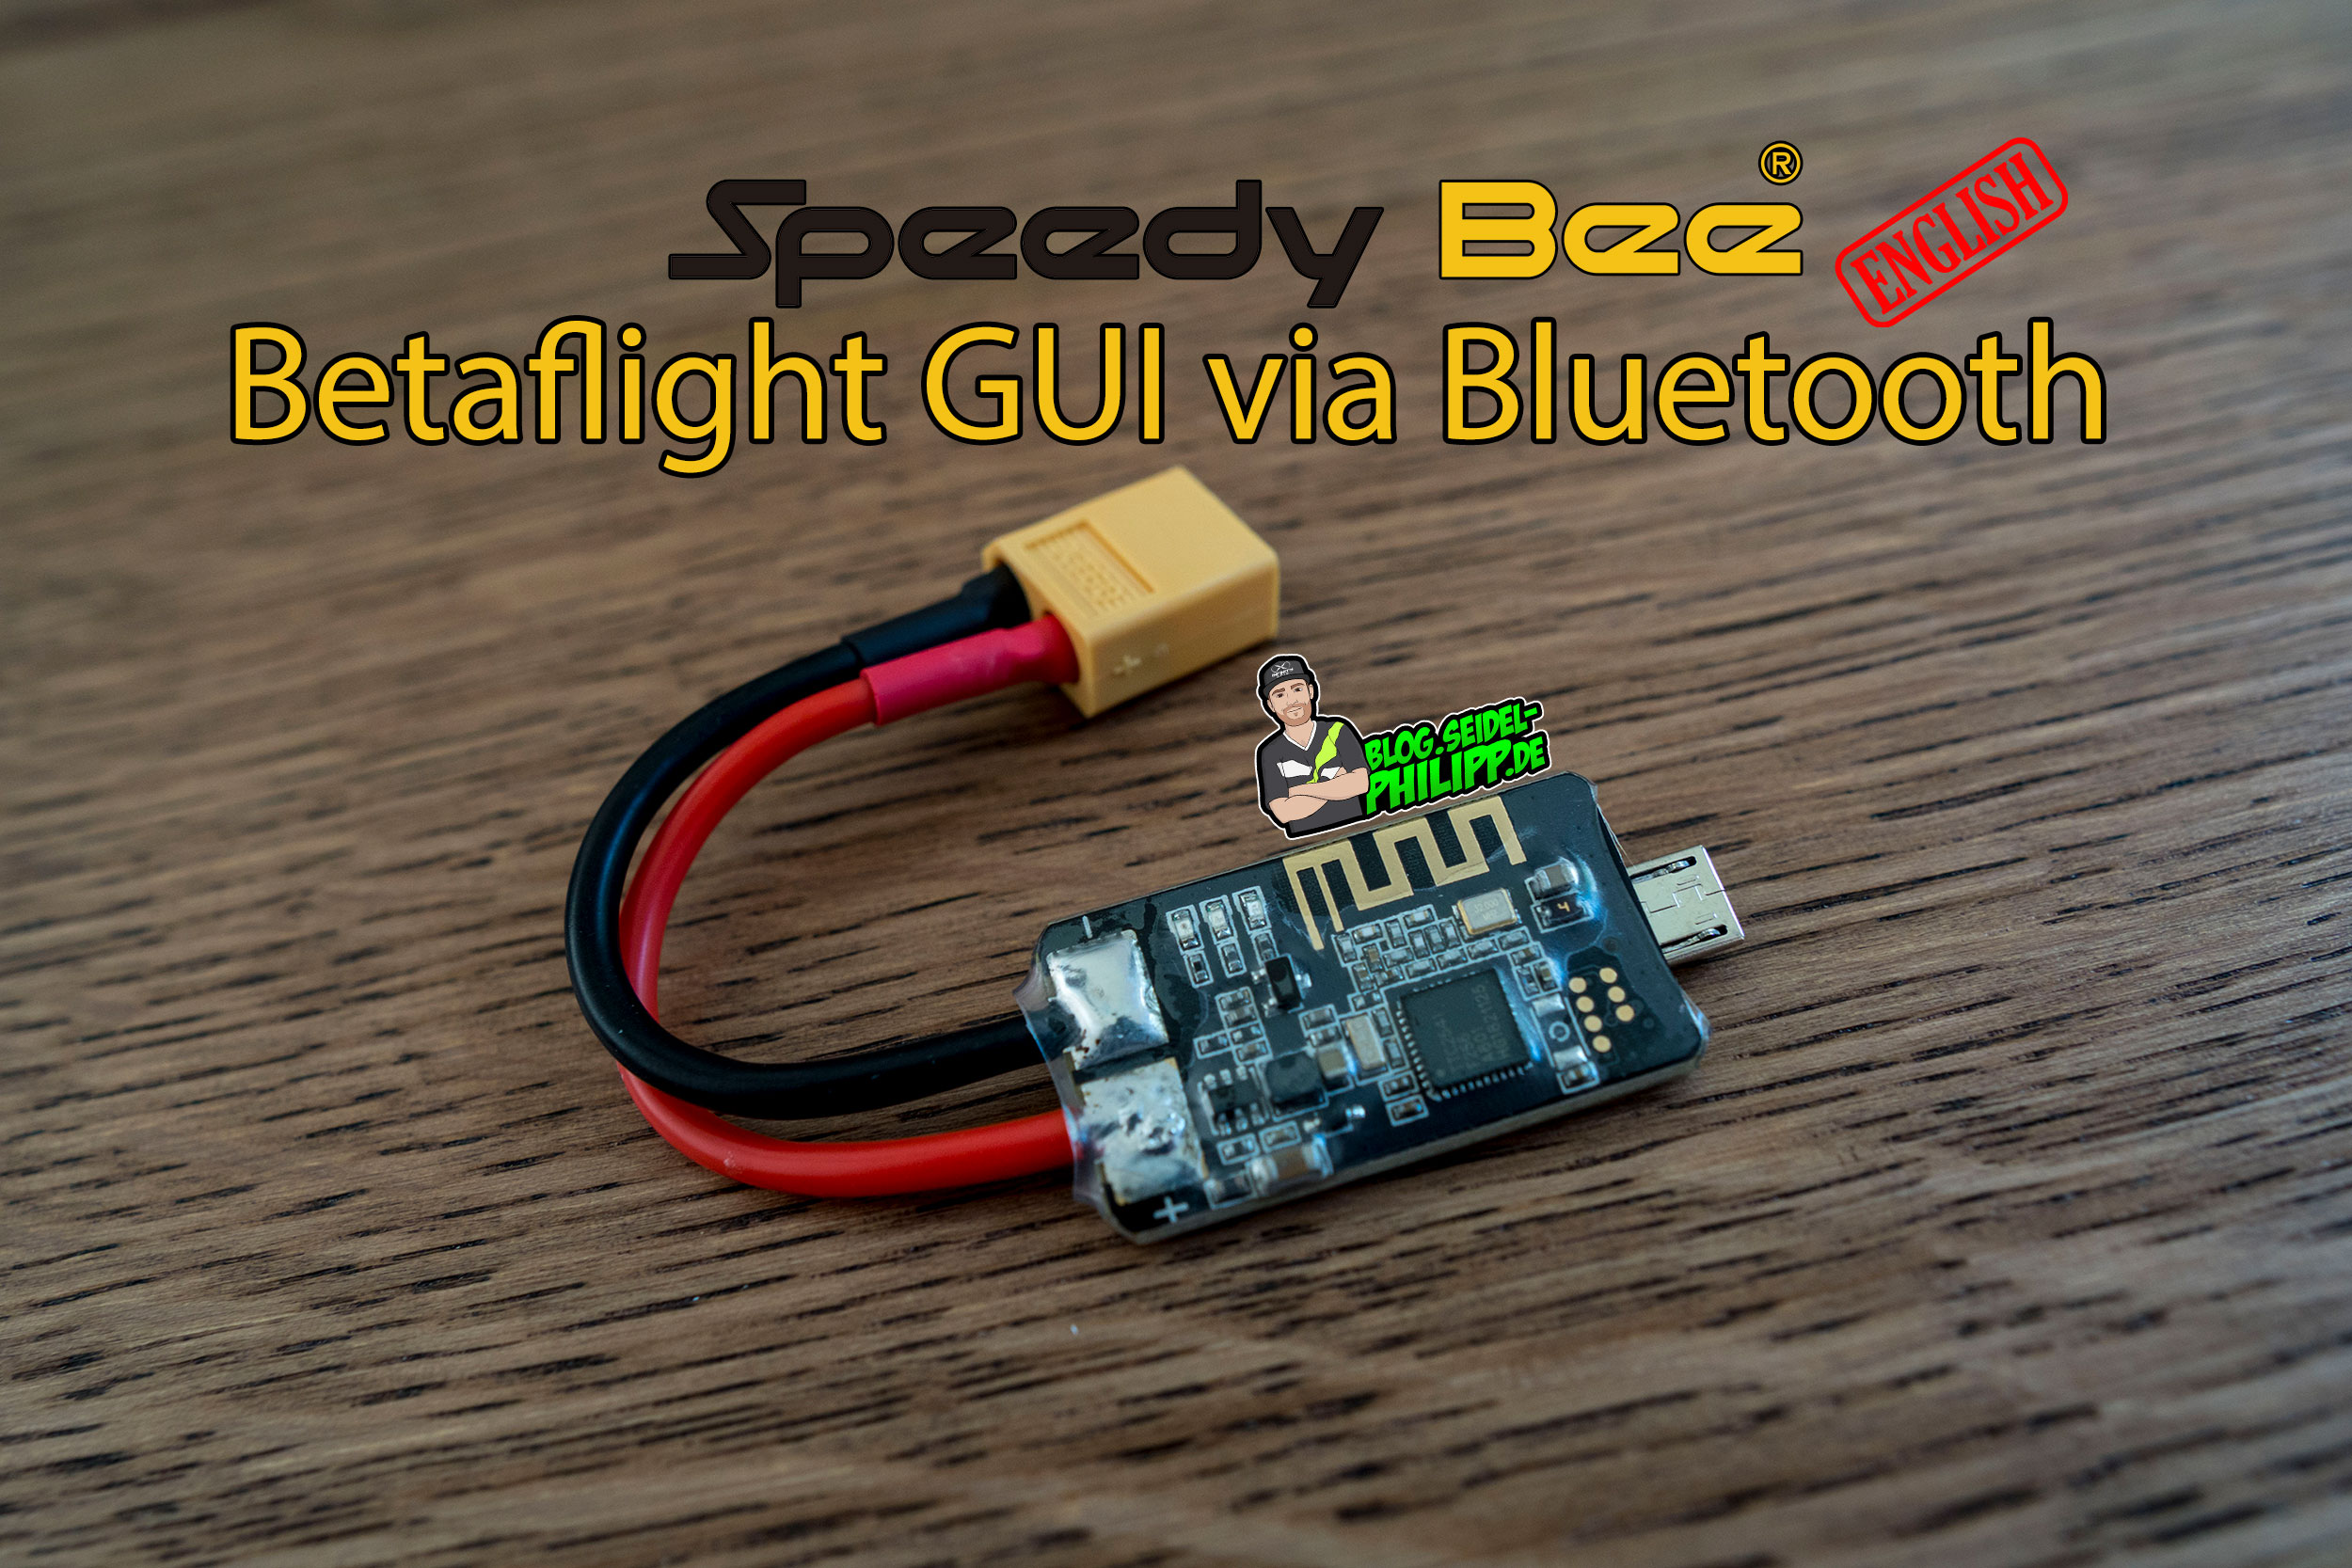 SpeedyBee USB Adapter